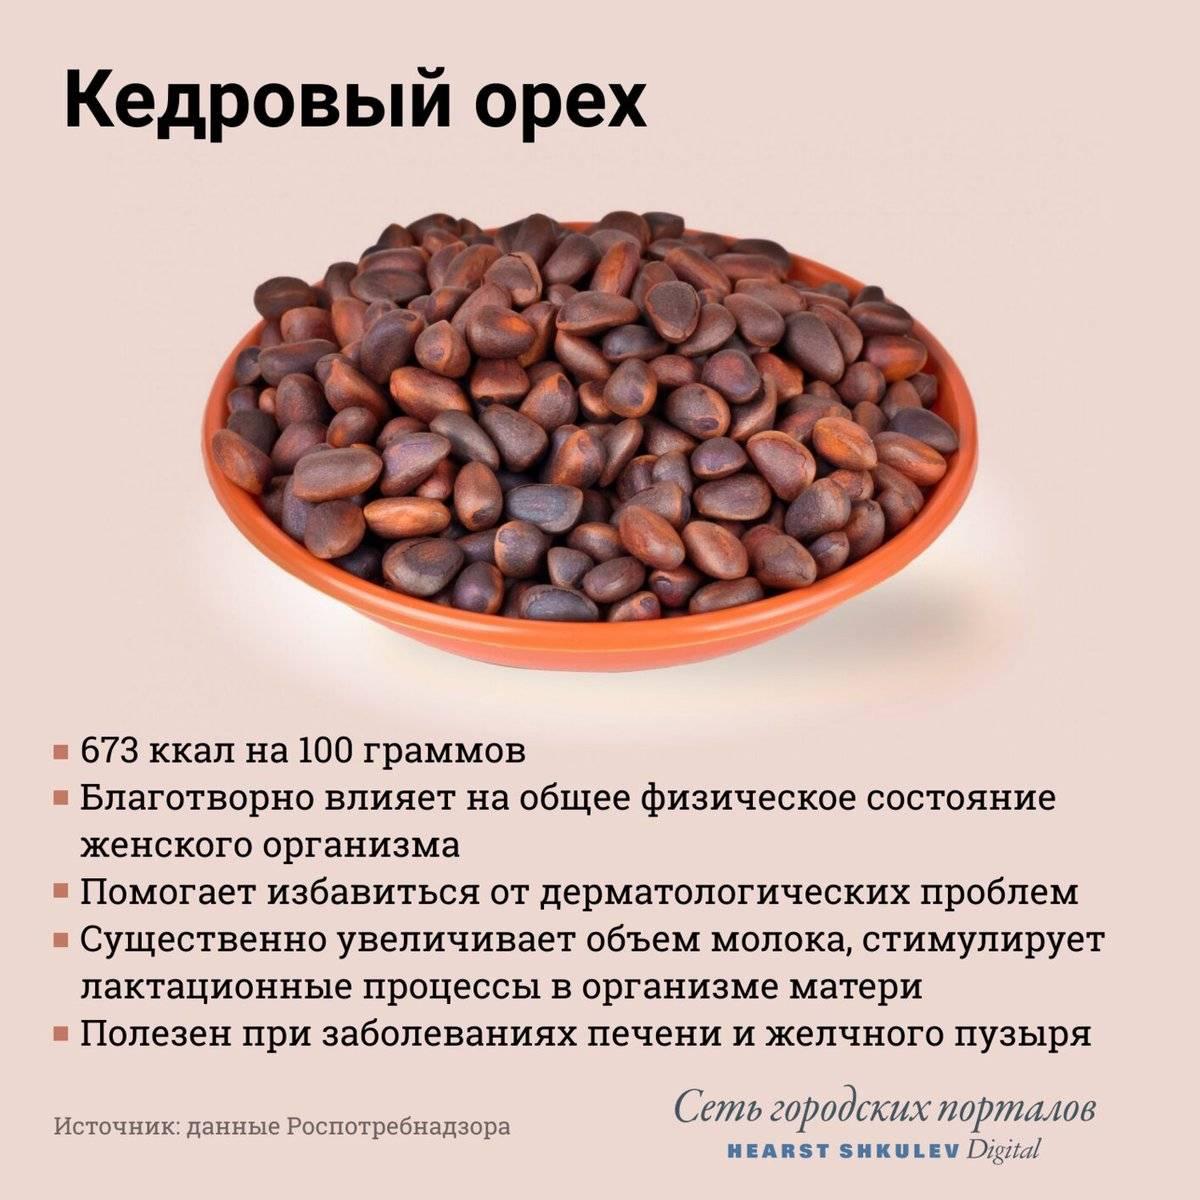 Польза и вред кедровых орехов для организма женщин и мужчин, противопоказания